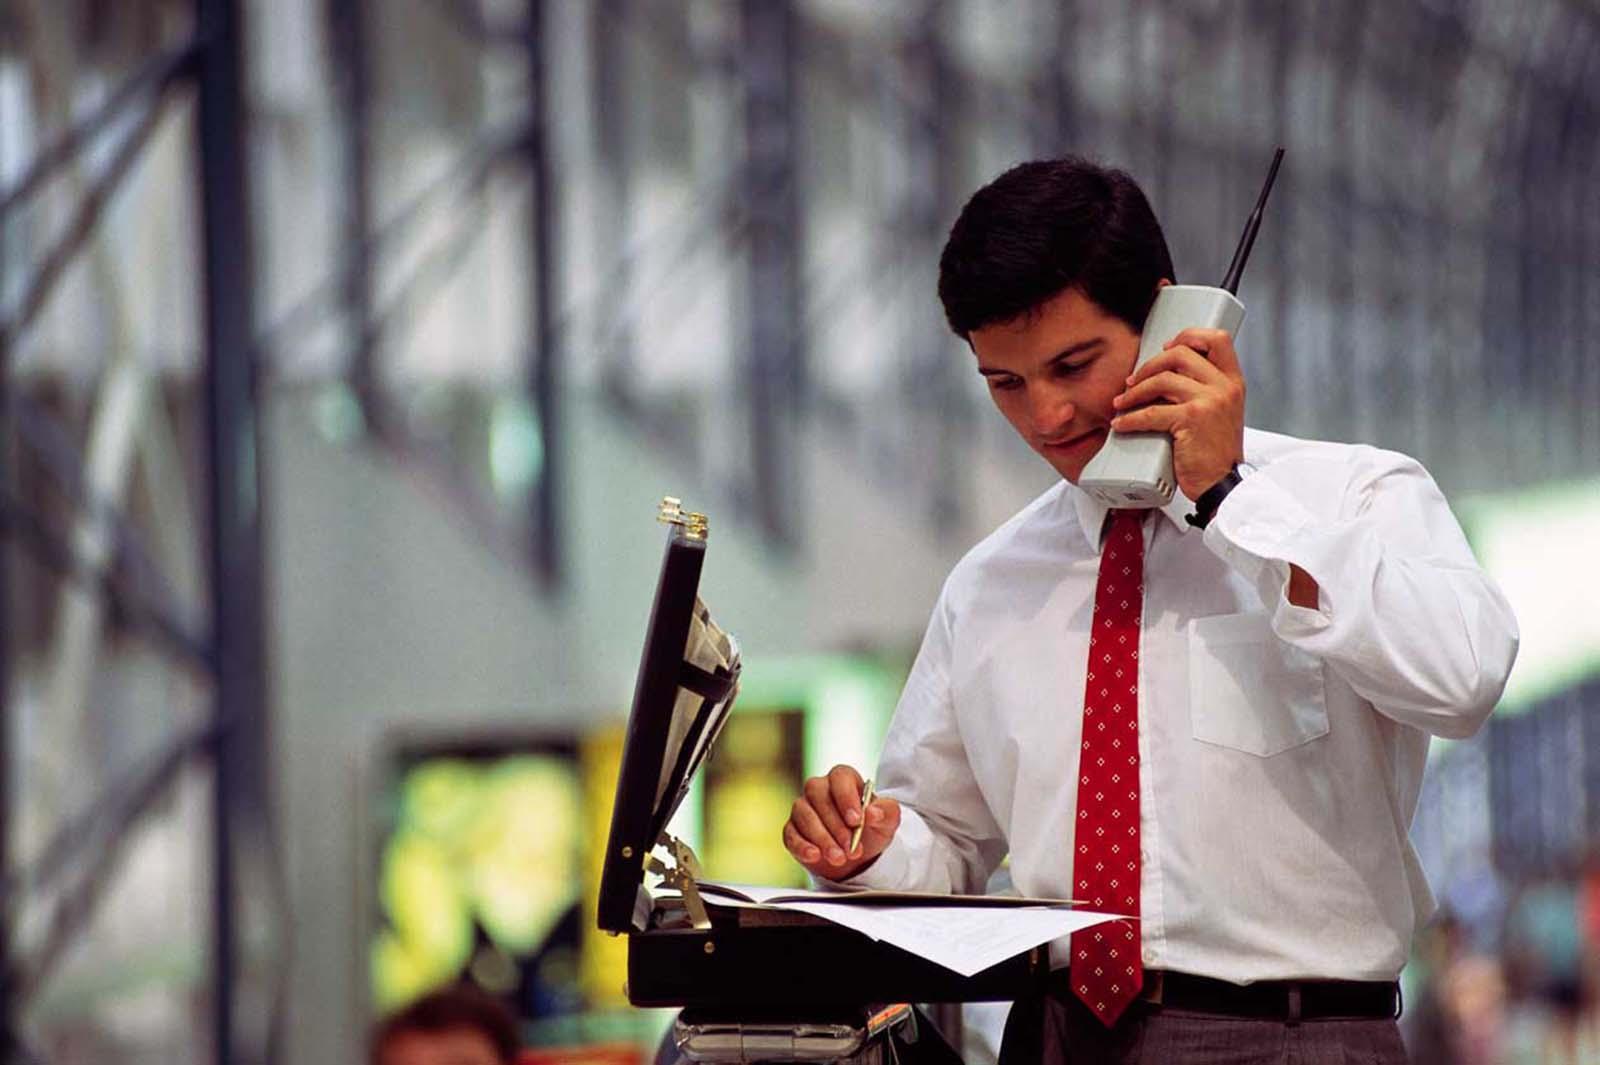 Um jovem empresário, com uma maleta, repassa números num gigantesco telefone celular antigo. 1990.